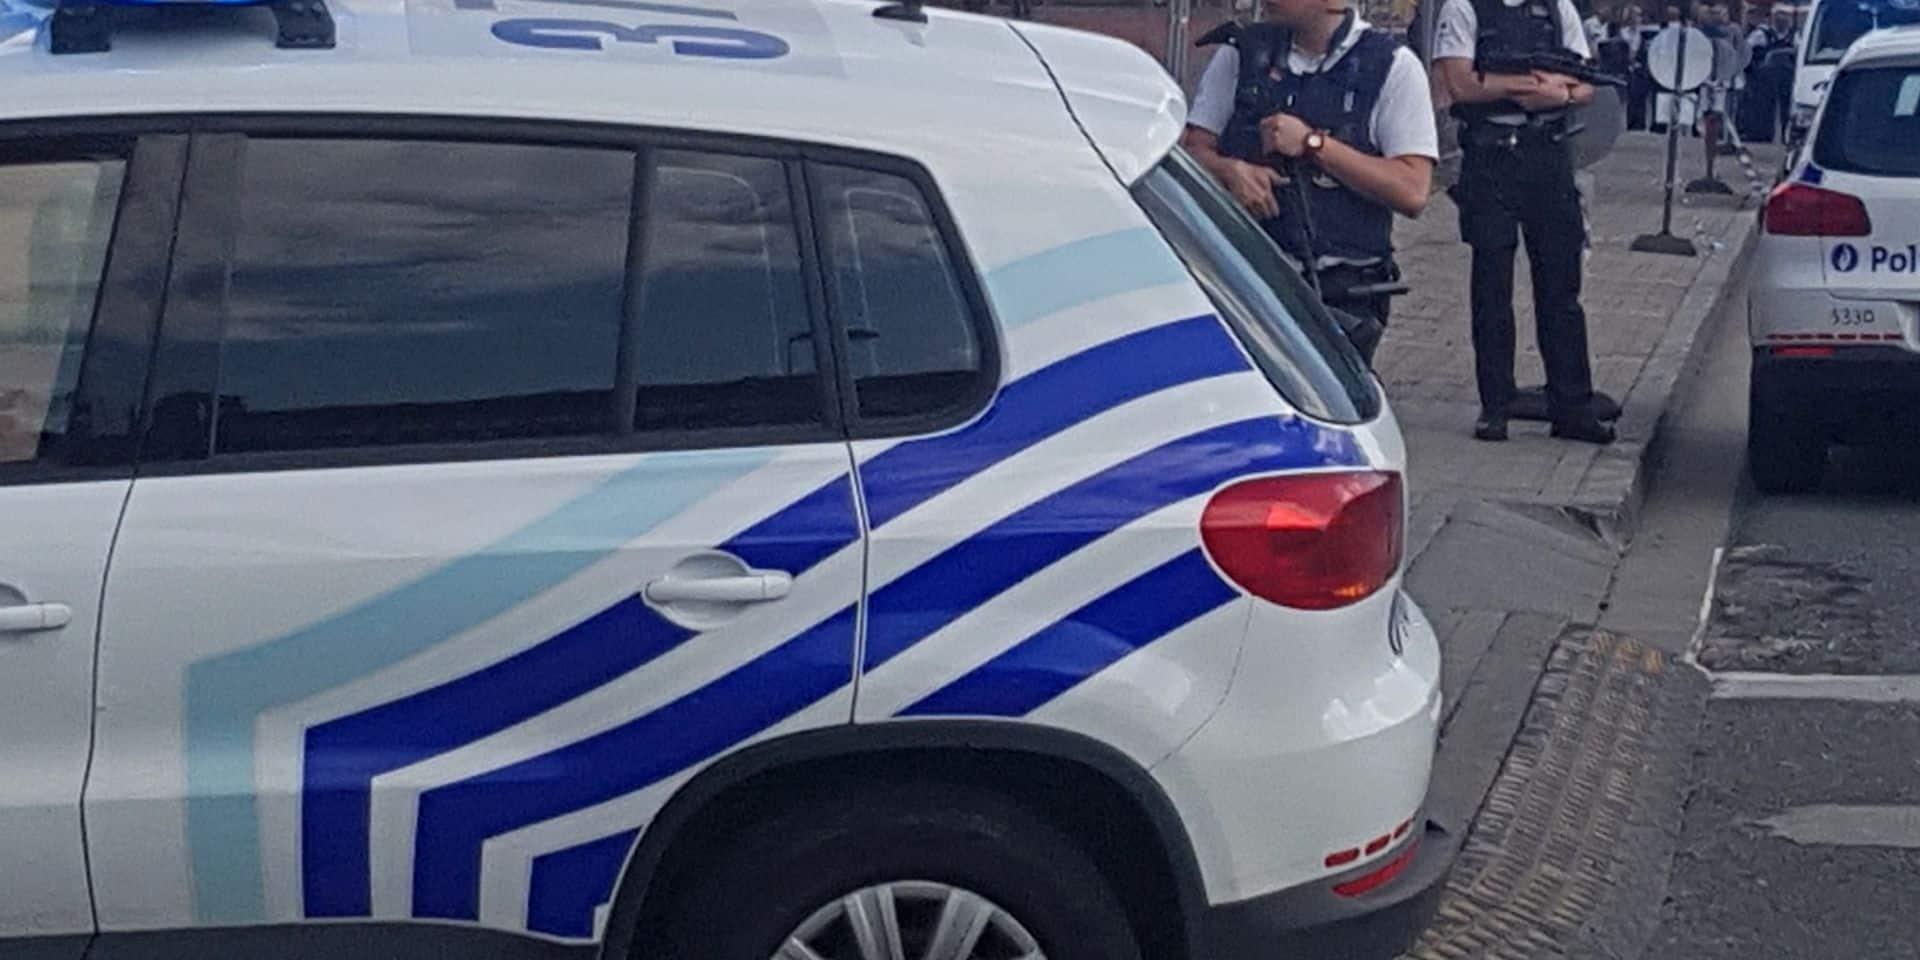 Une vendeuse agressée sexuellement dans une boutique à Charleroi